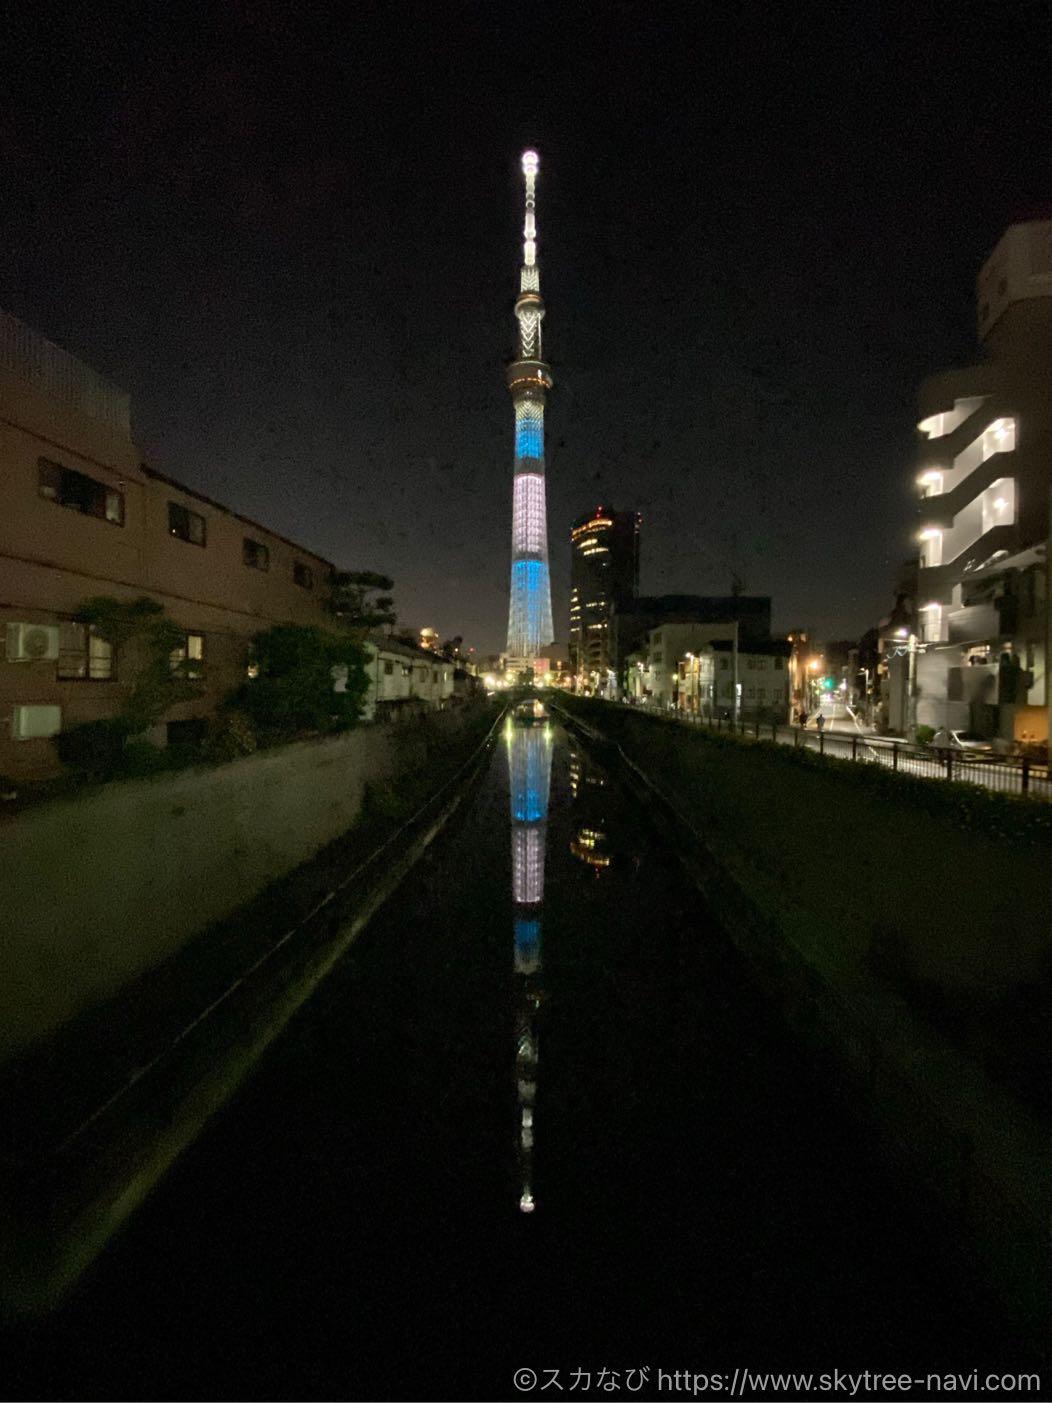 スカイツリー 聖火リレー特別ライティング 兵庫県